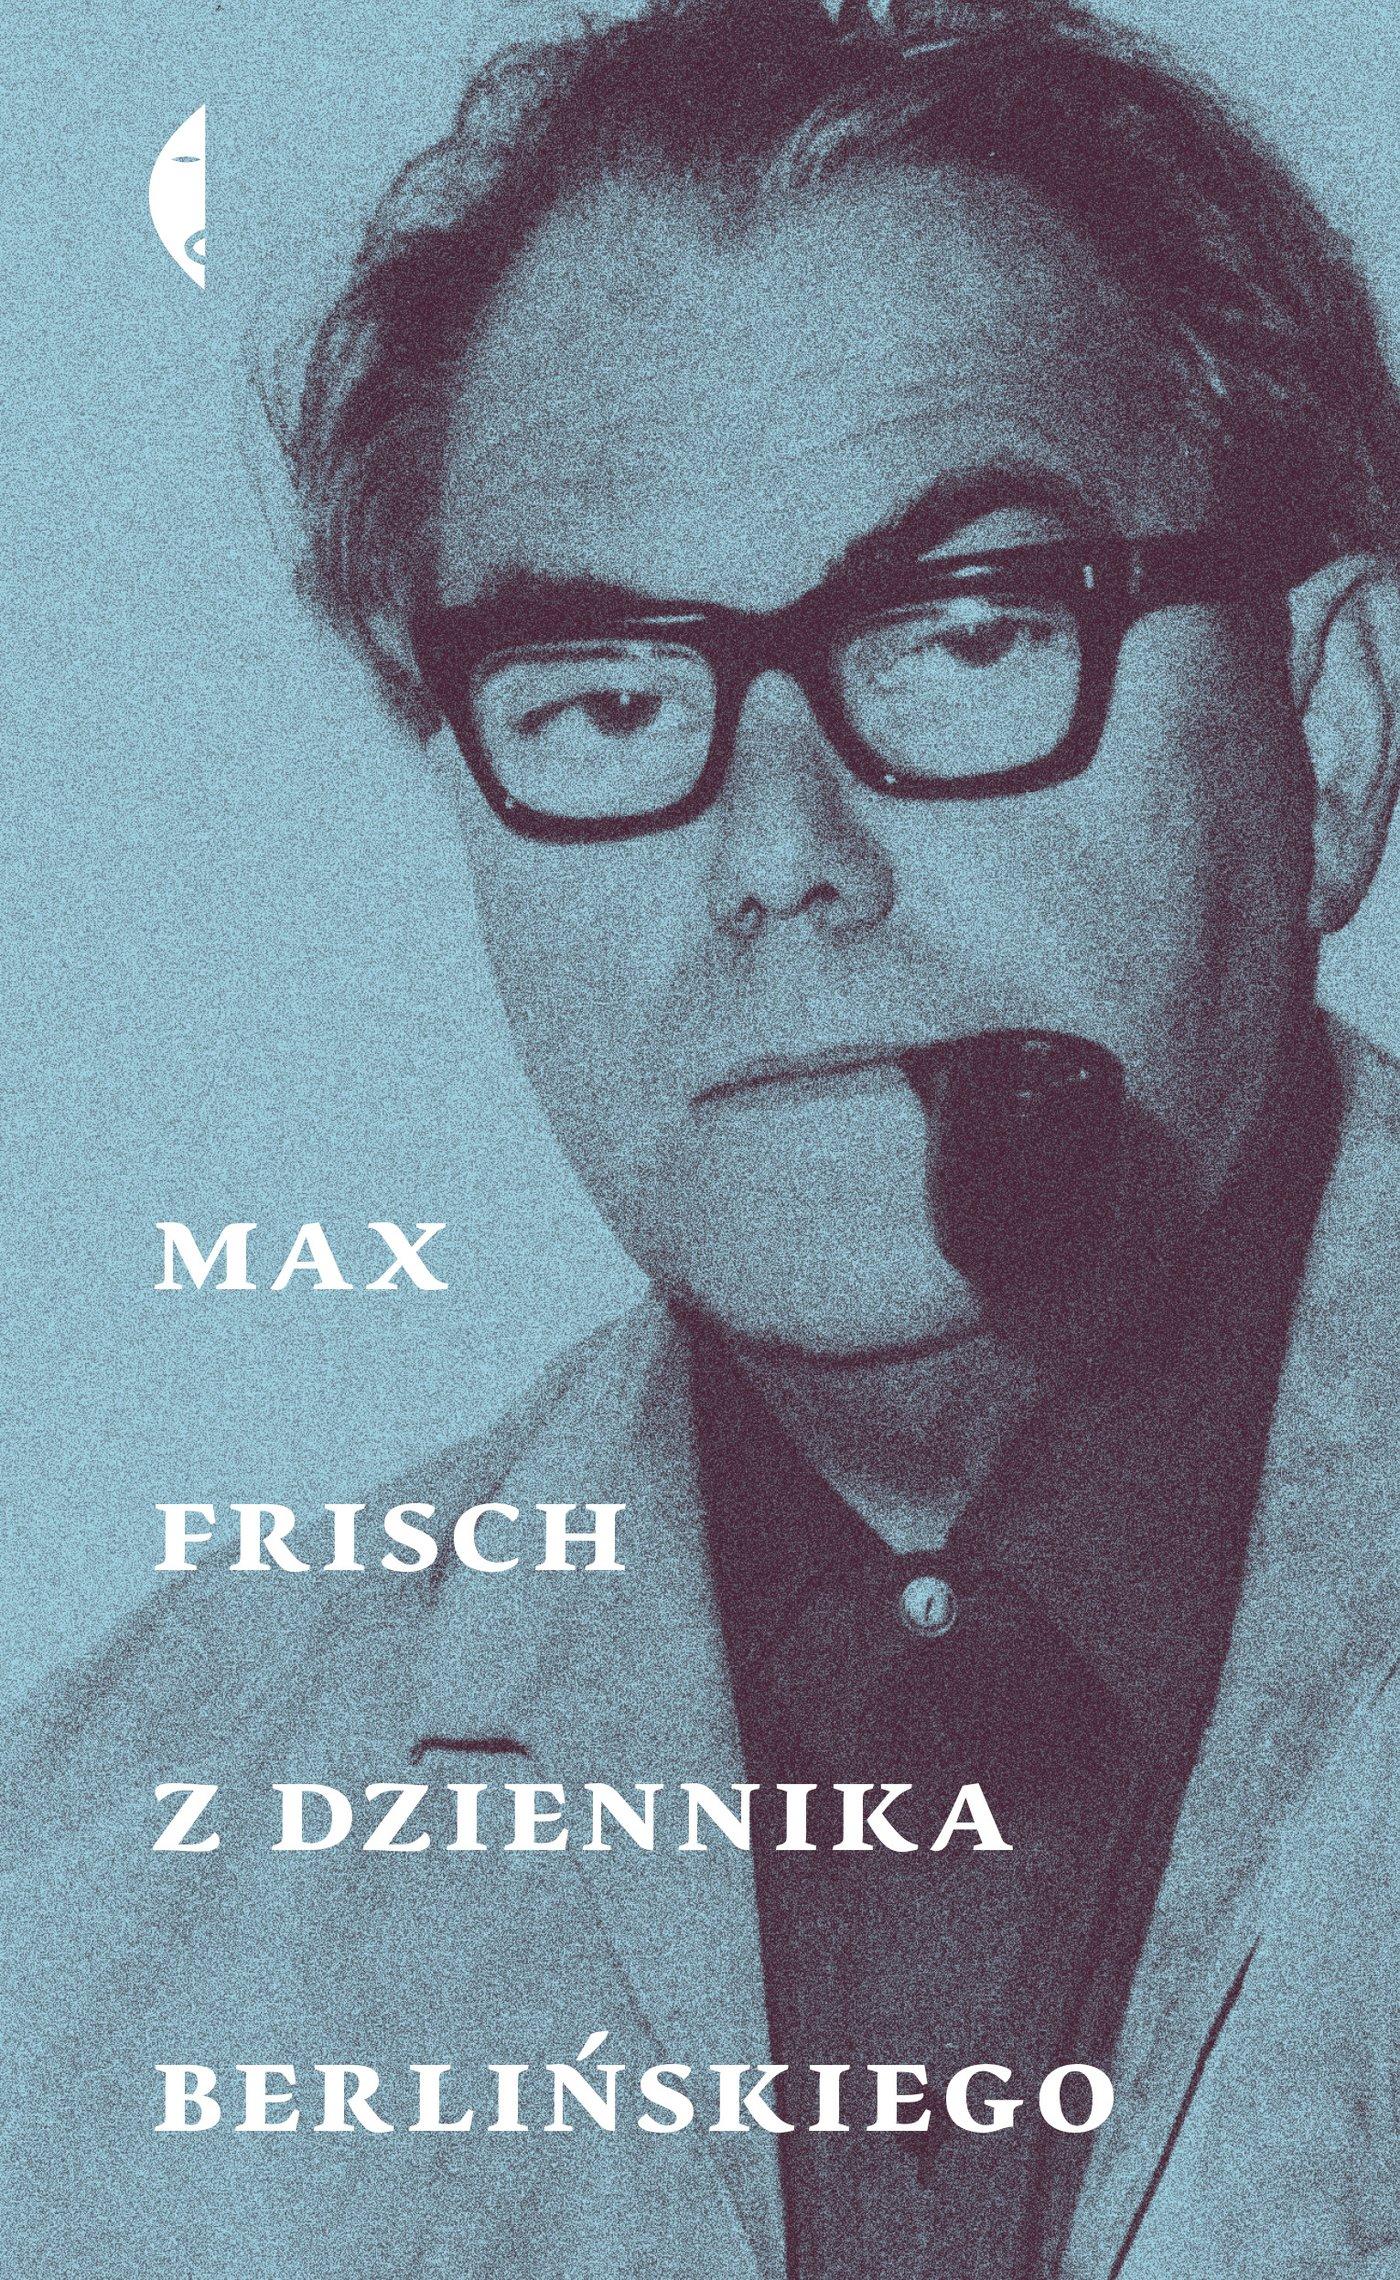 Z dziennika berlińskiego - Ebook (Książka EPUB) do pobrania w formacie EPUB